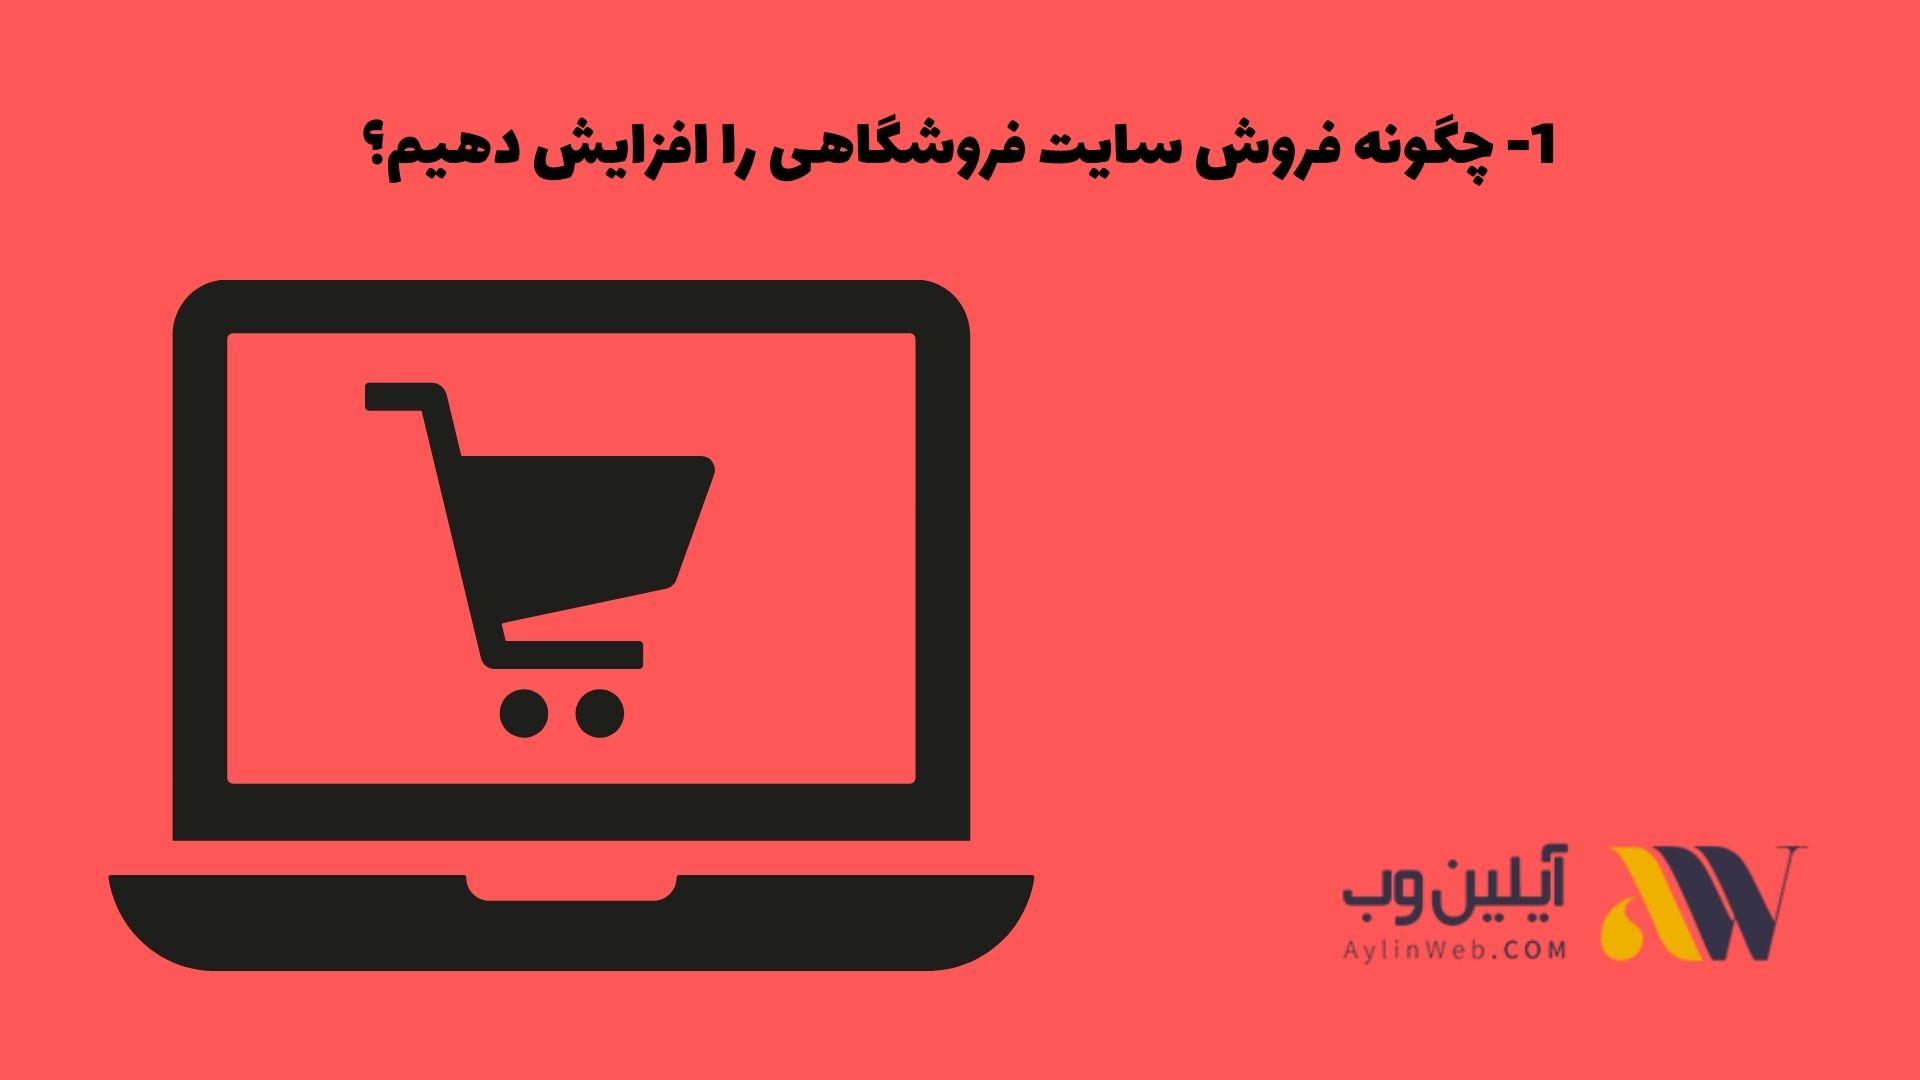 چگونه فروش سایت فروشگاهی را افزایش دهیم؟